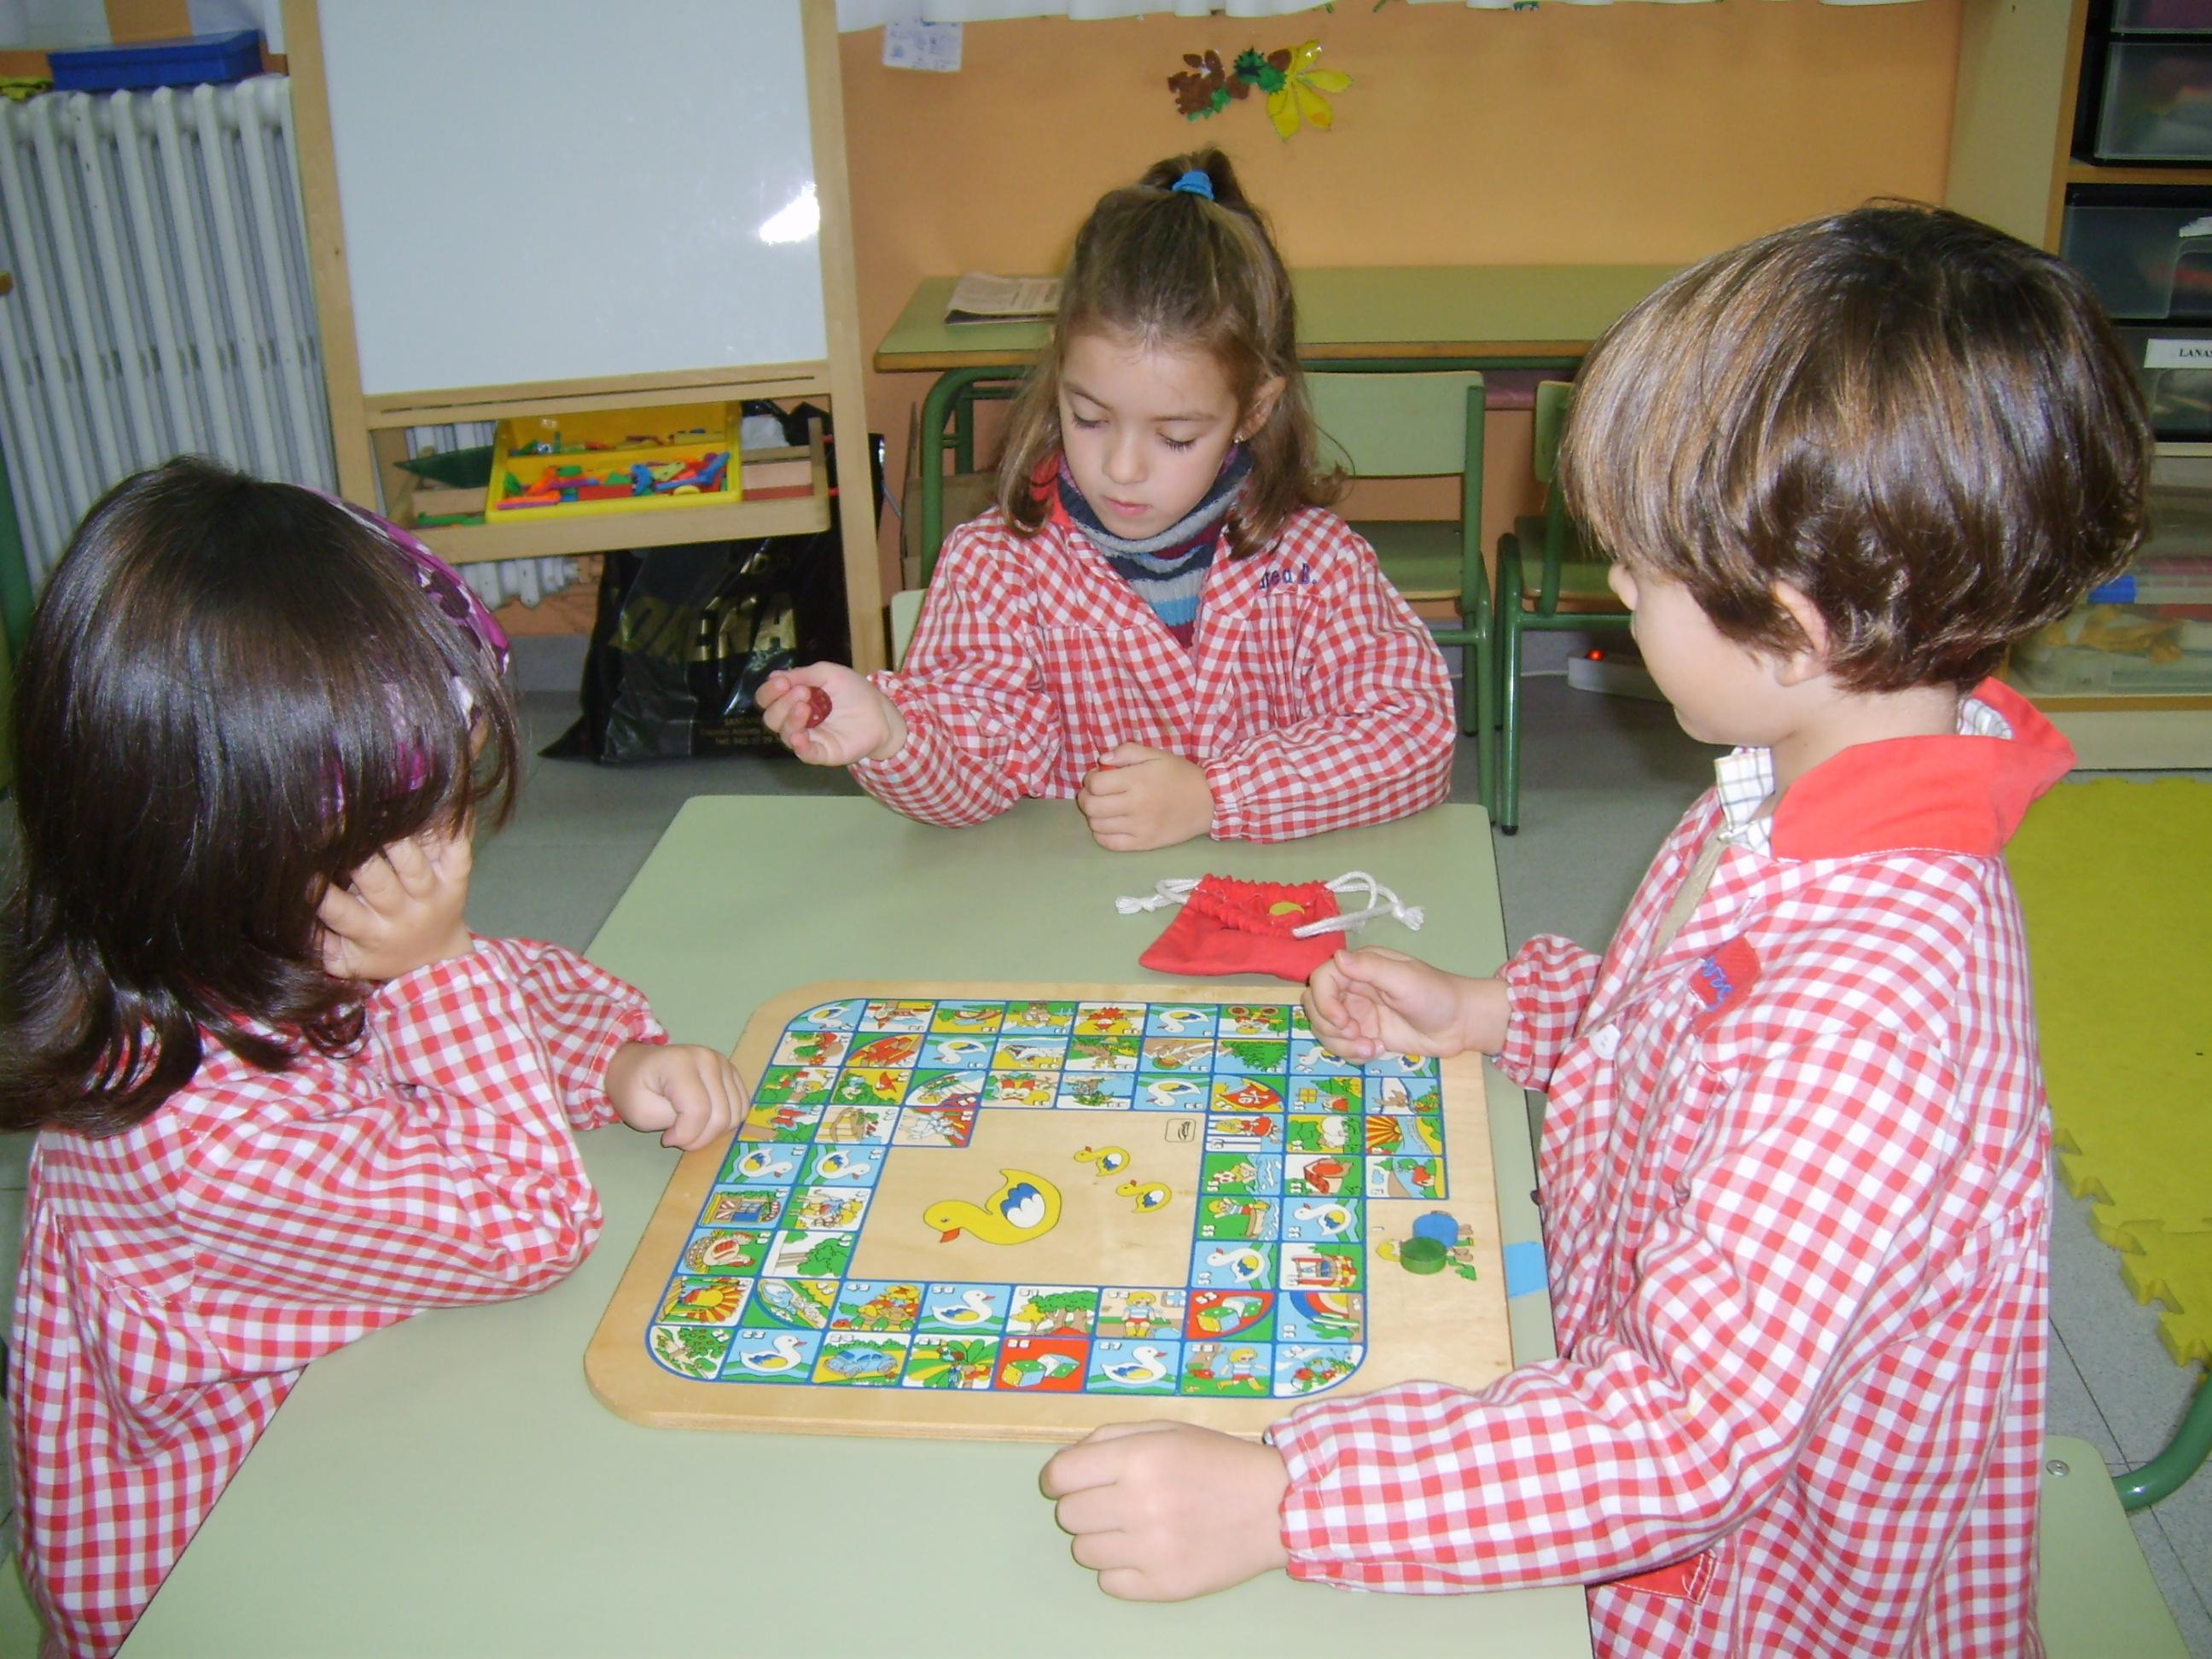 Juegos de mesa colegio manuel cacicedo - La oca juego de mesa ...